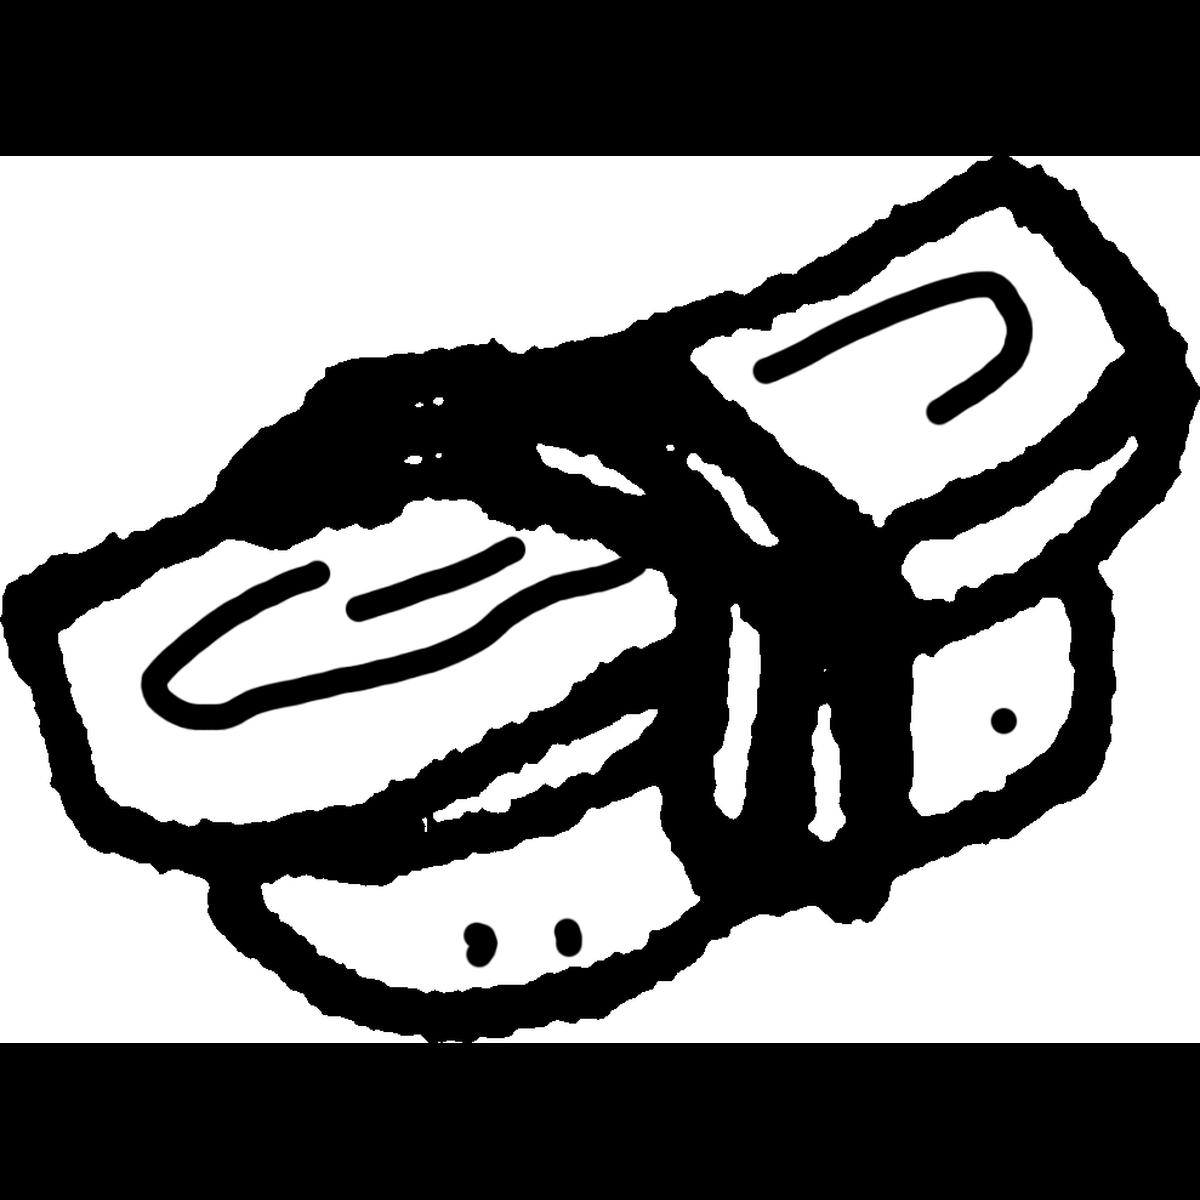 寿司 にぎり タマゴのイラスト Sushi Egg Illust